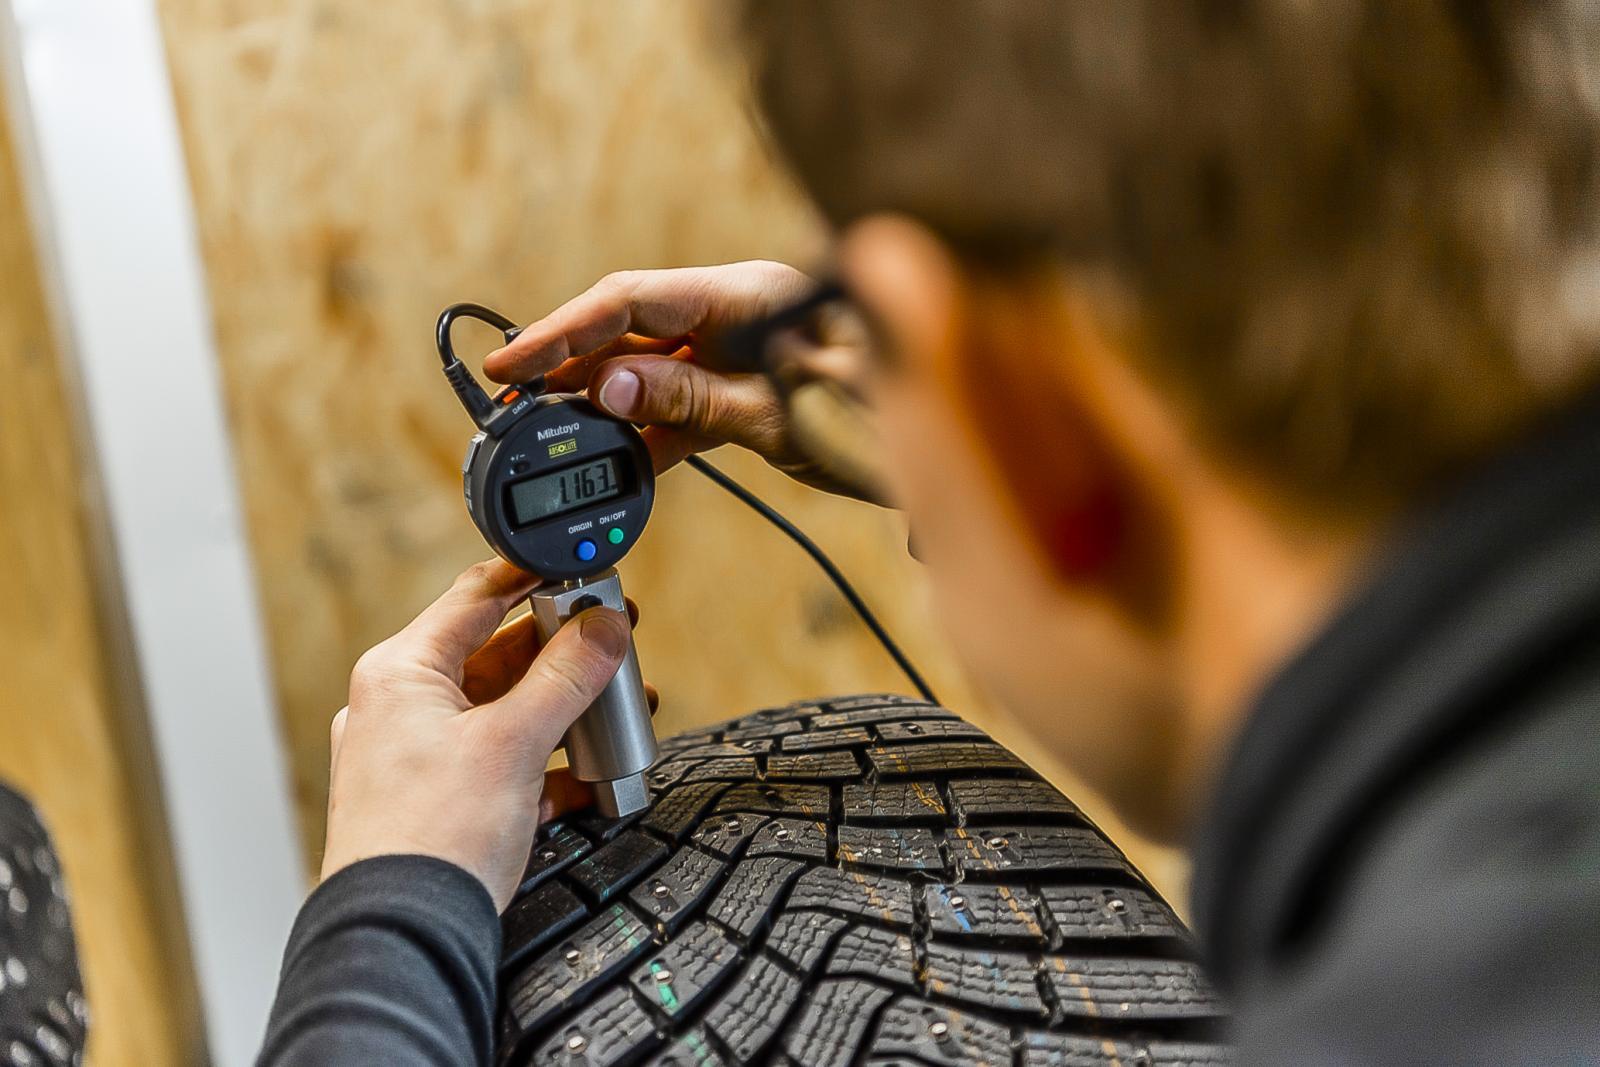 Mönsterdjupet ska vara minst tre millimeter, men de flesta däck tappar prestanda även med mer mönsterdjup än så.